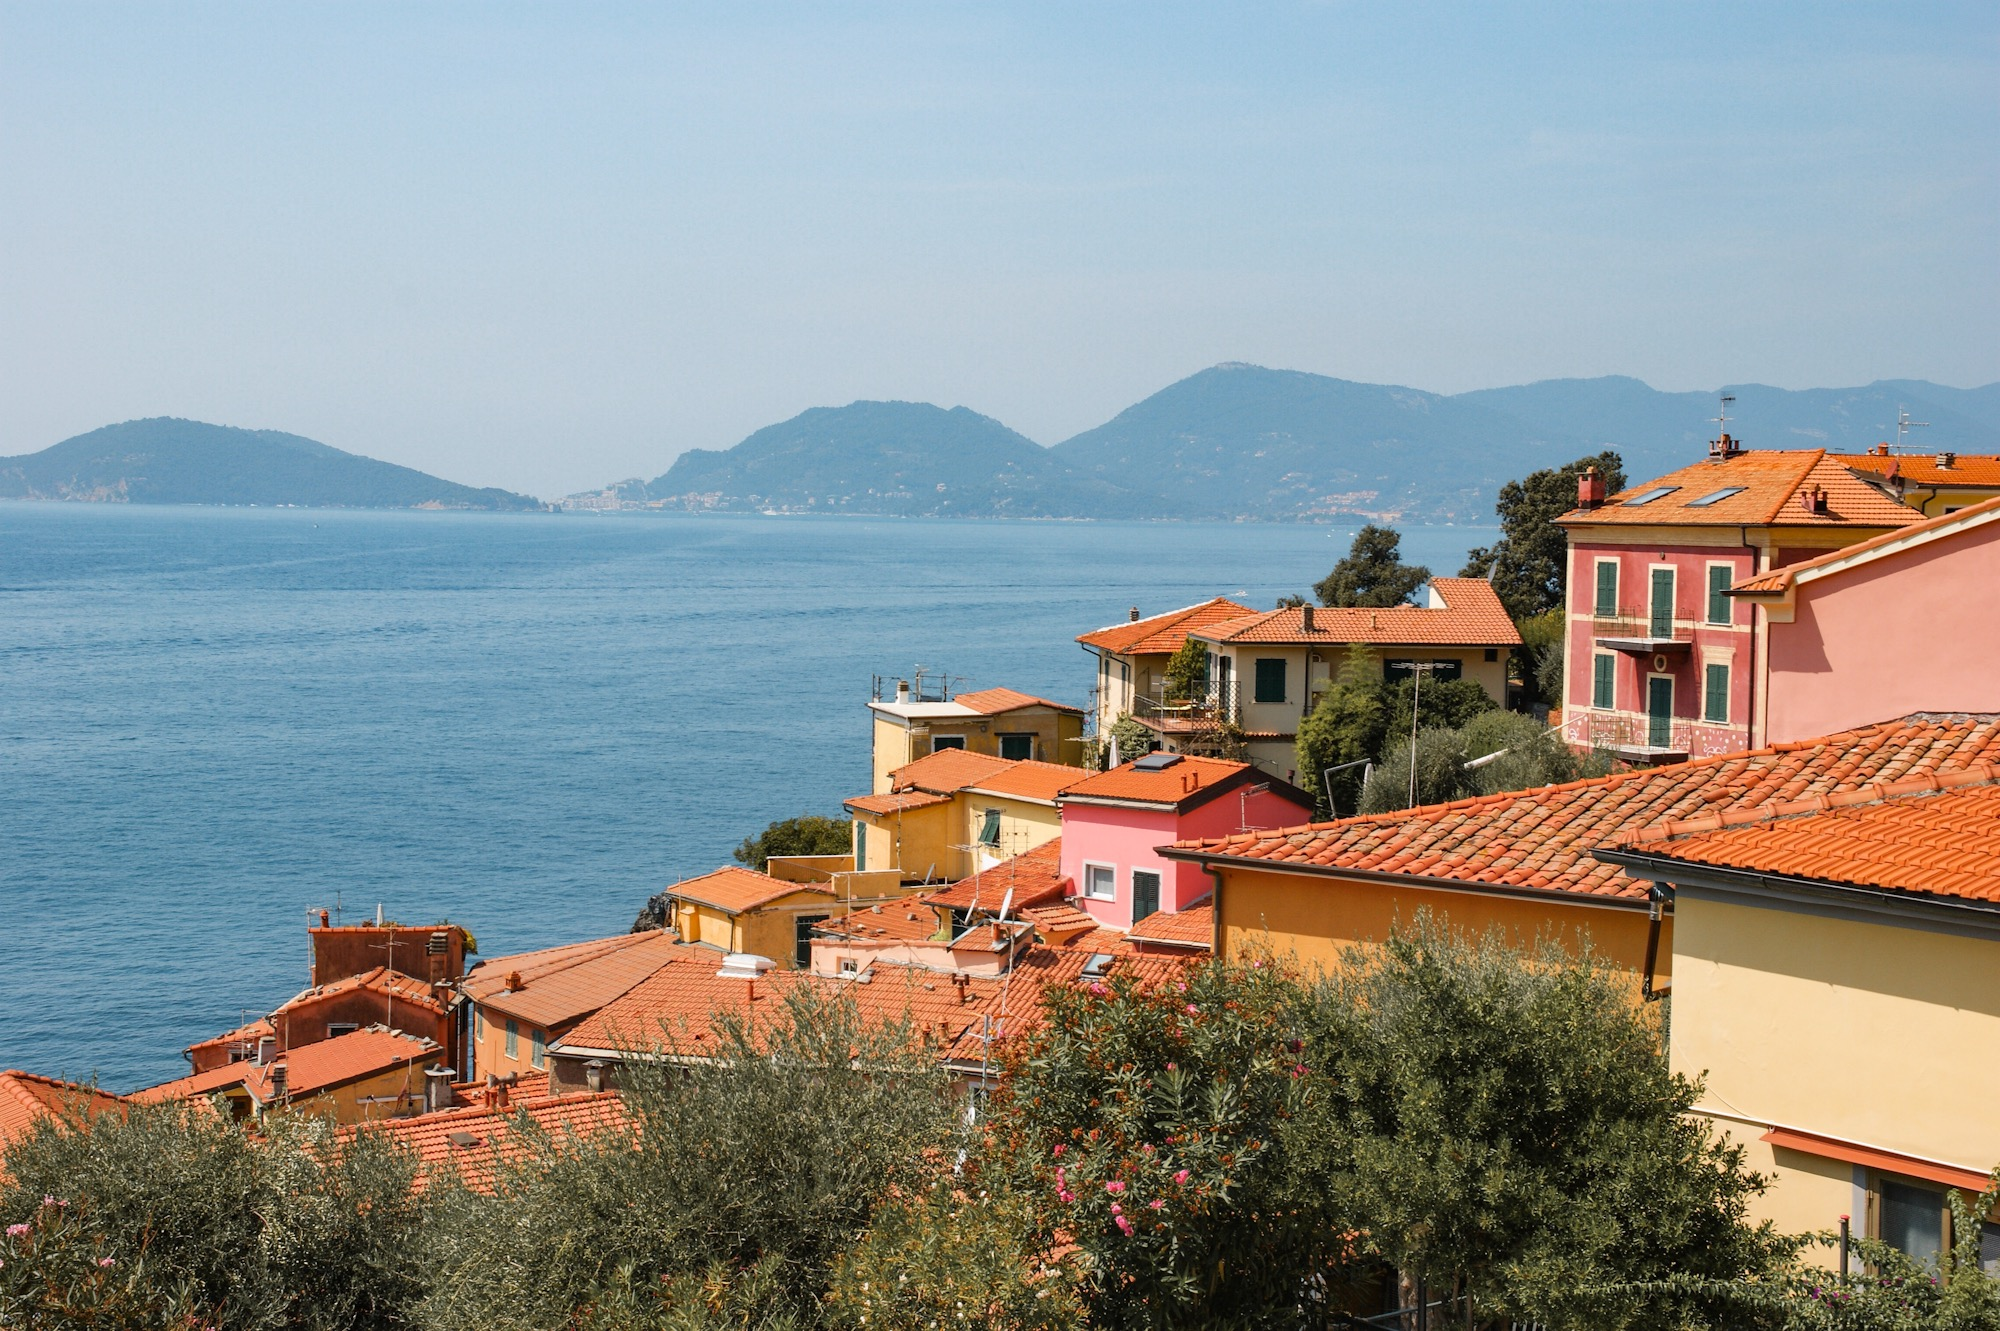 Tellaro, italienische Riviera, Italien Reise, Ligurien